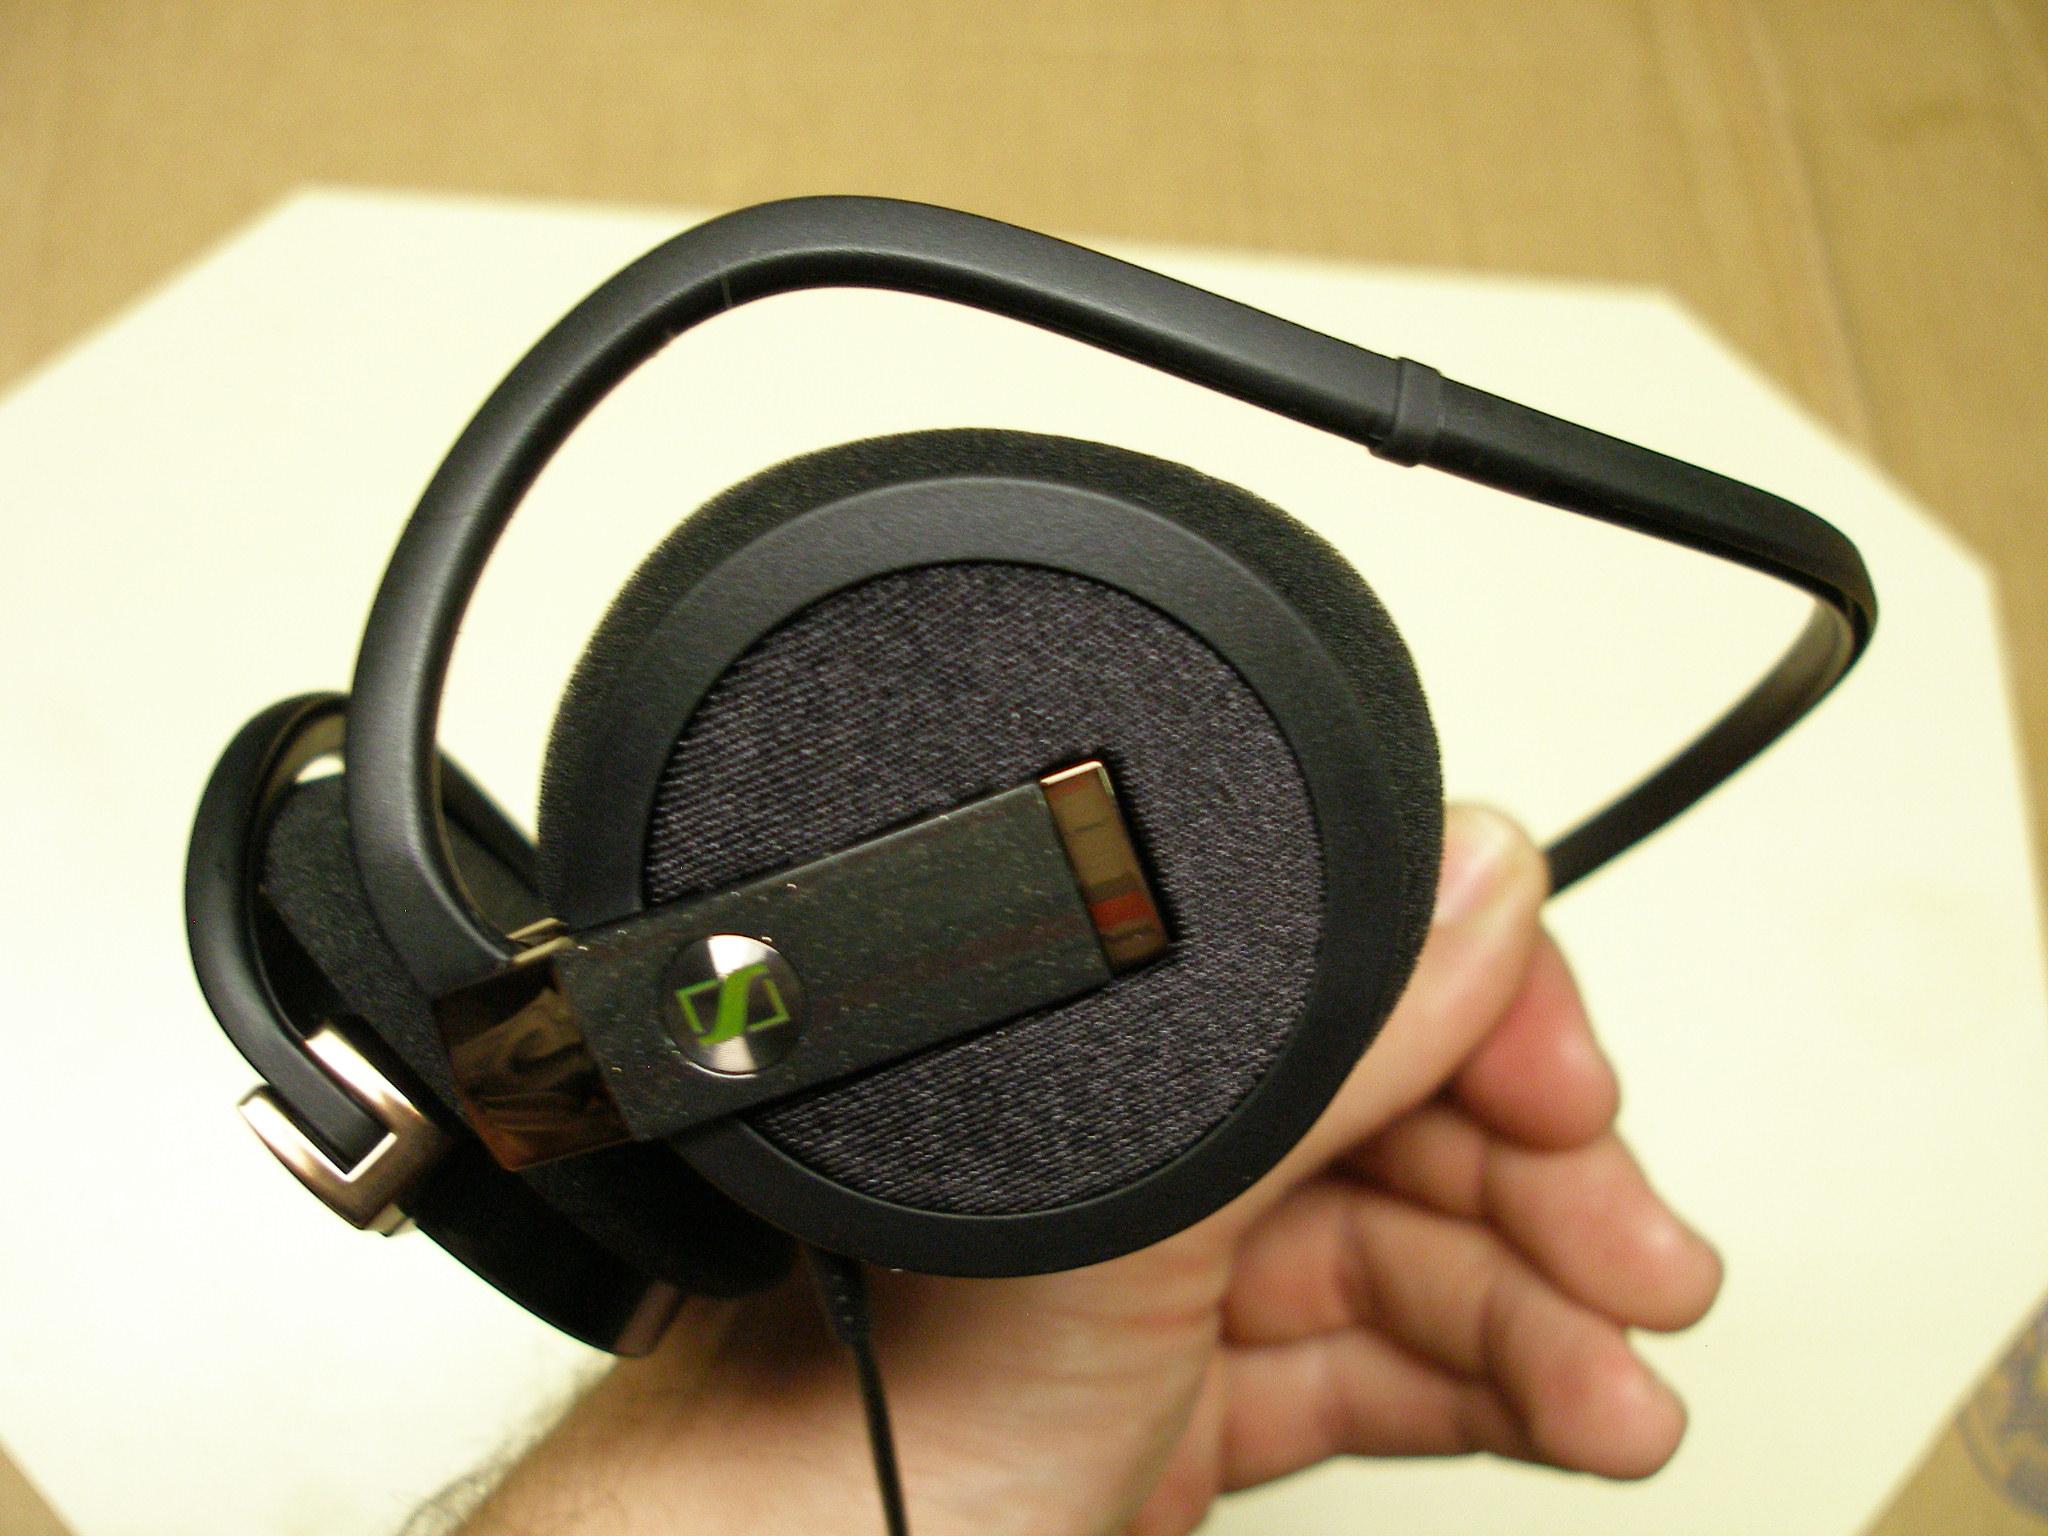 Earbuds neckband open - sennheiser earbuds in ear